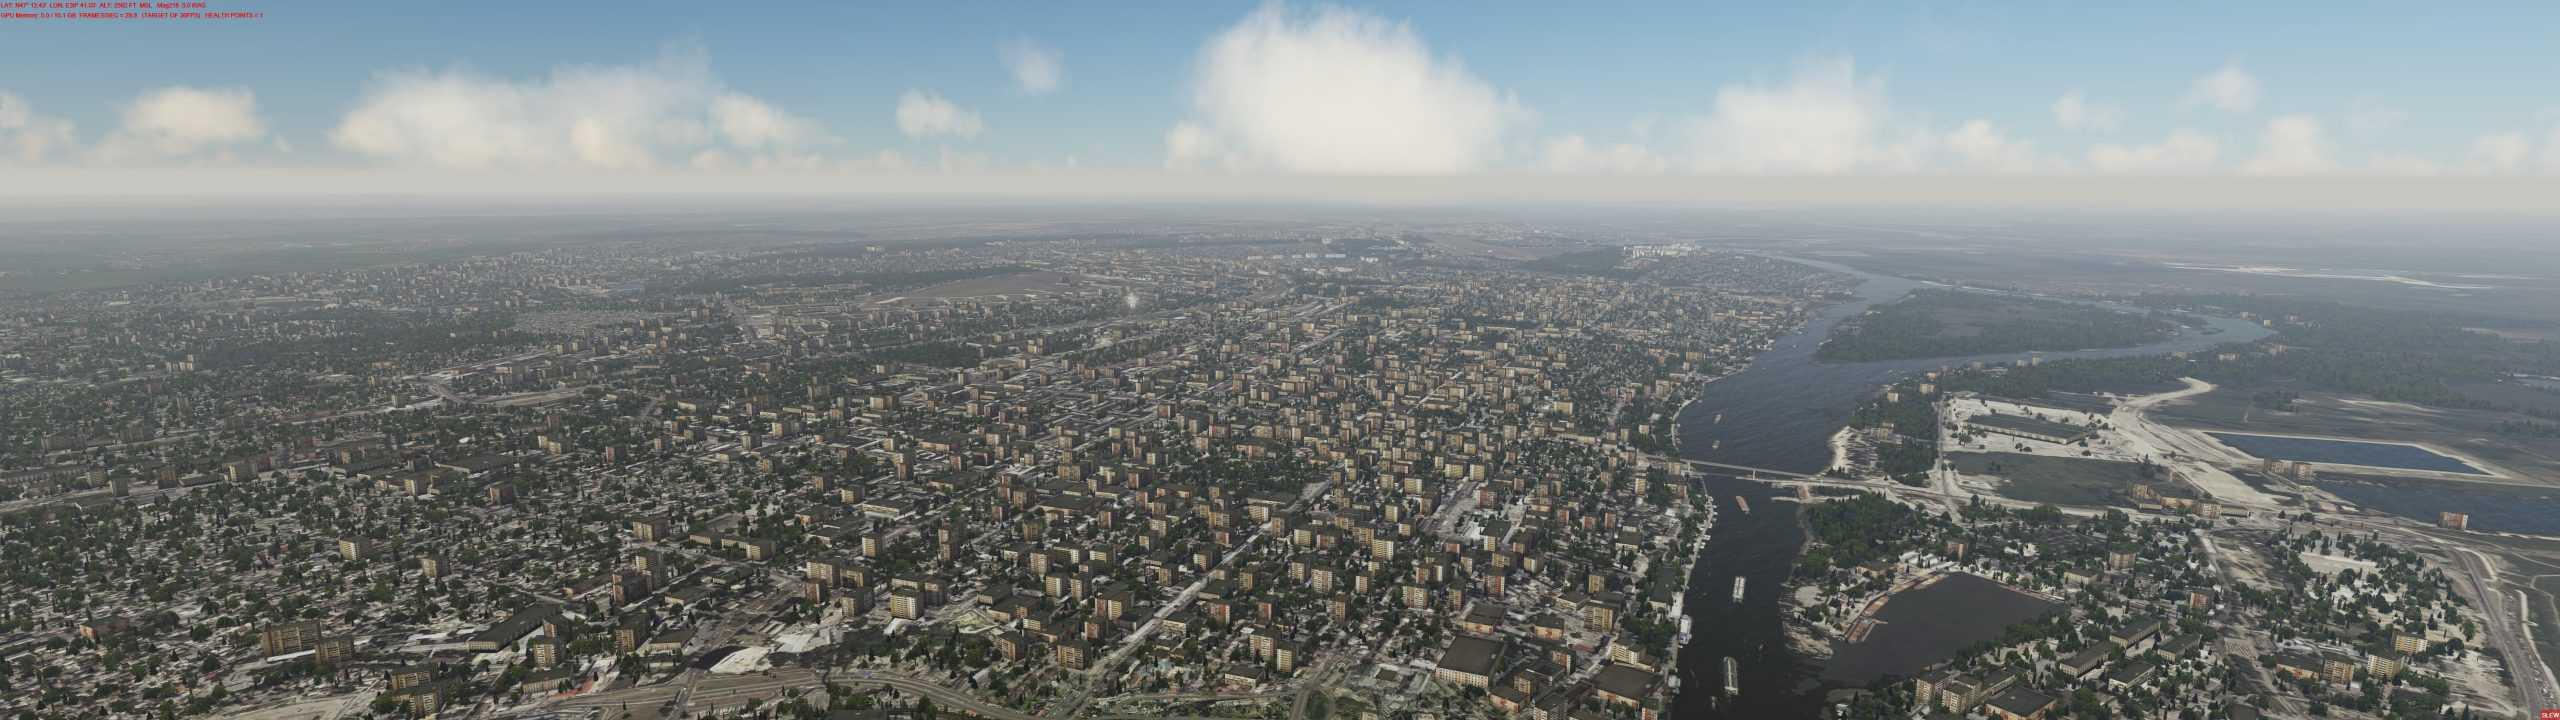 Rostsov-City-scaled.jpg